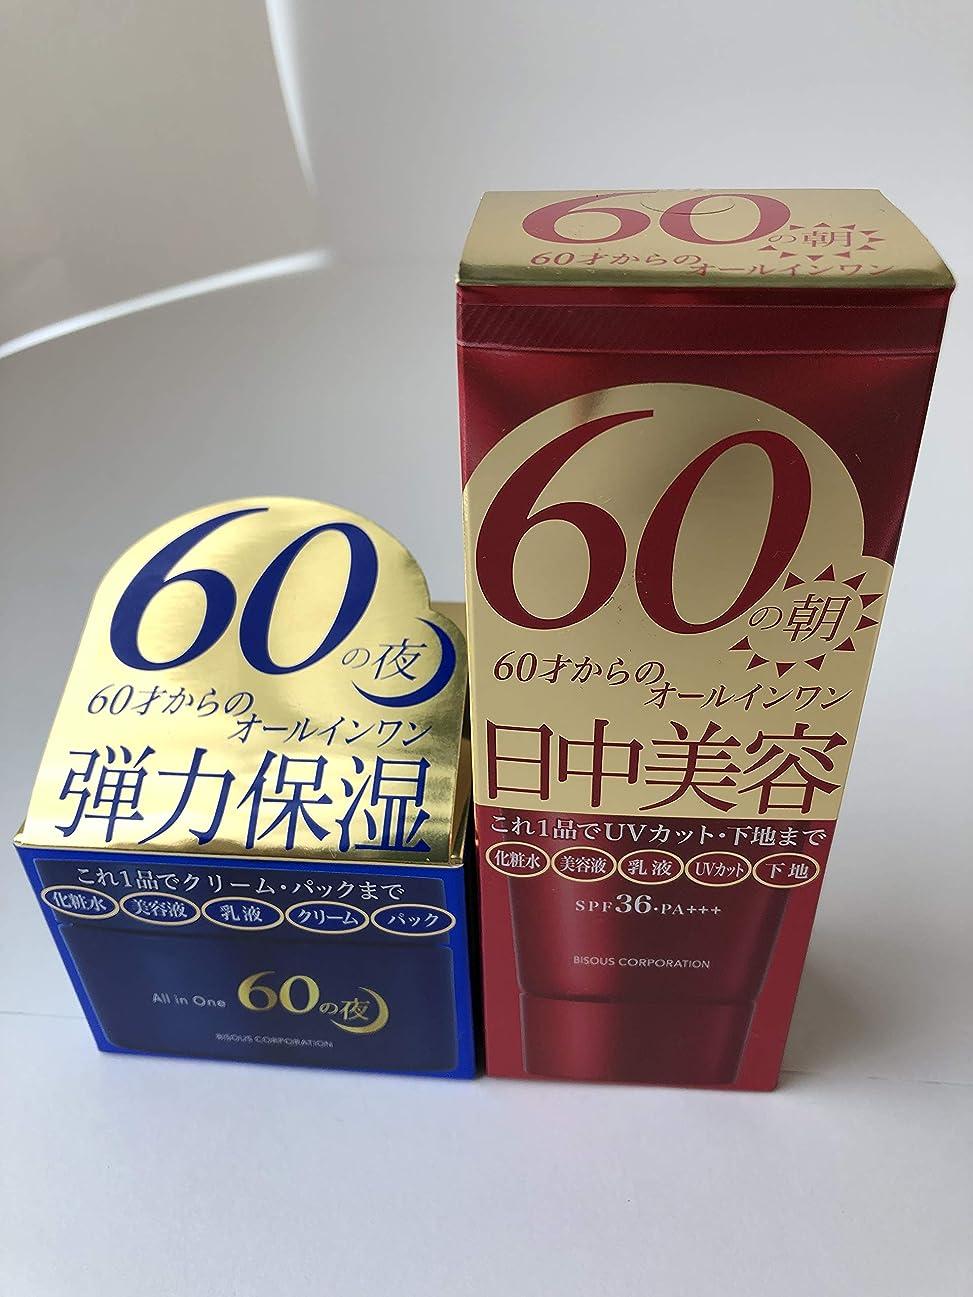 没頭する蜂窒素ビズー 60の朝(1本入) +ビズー 60の夜(1本入) / (1set)